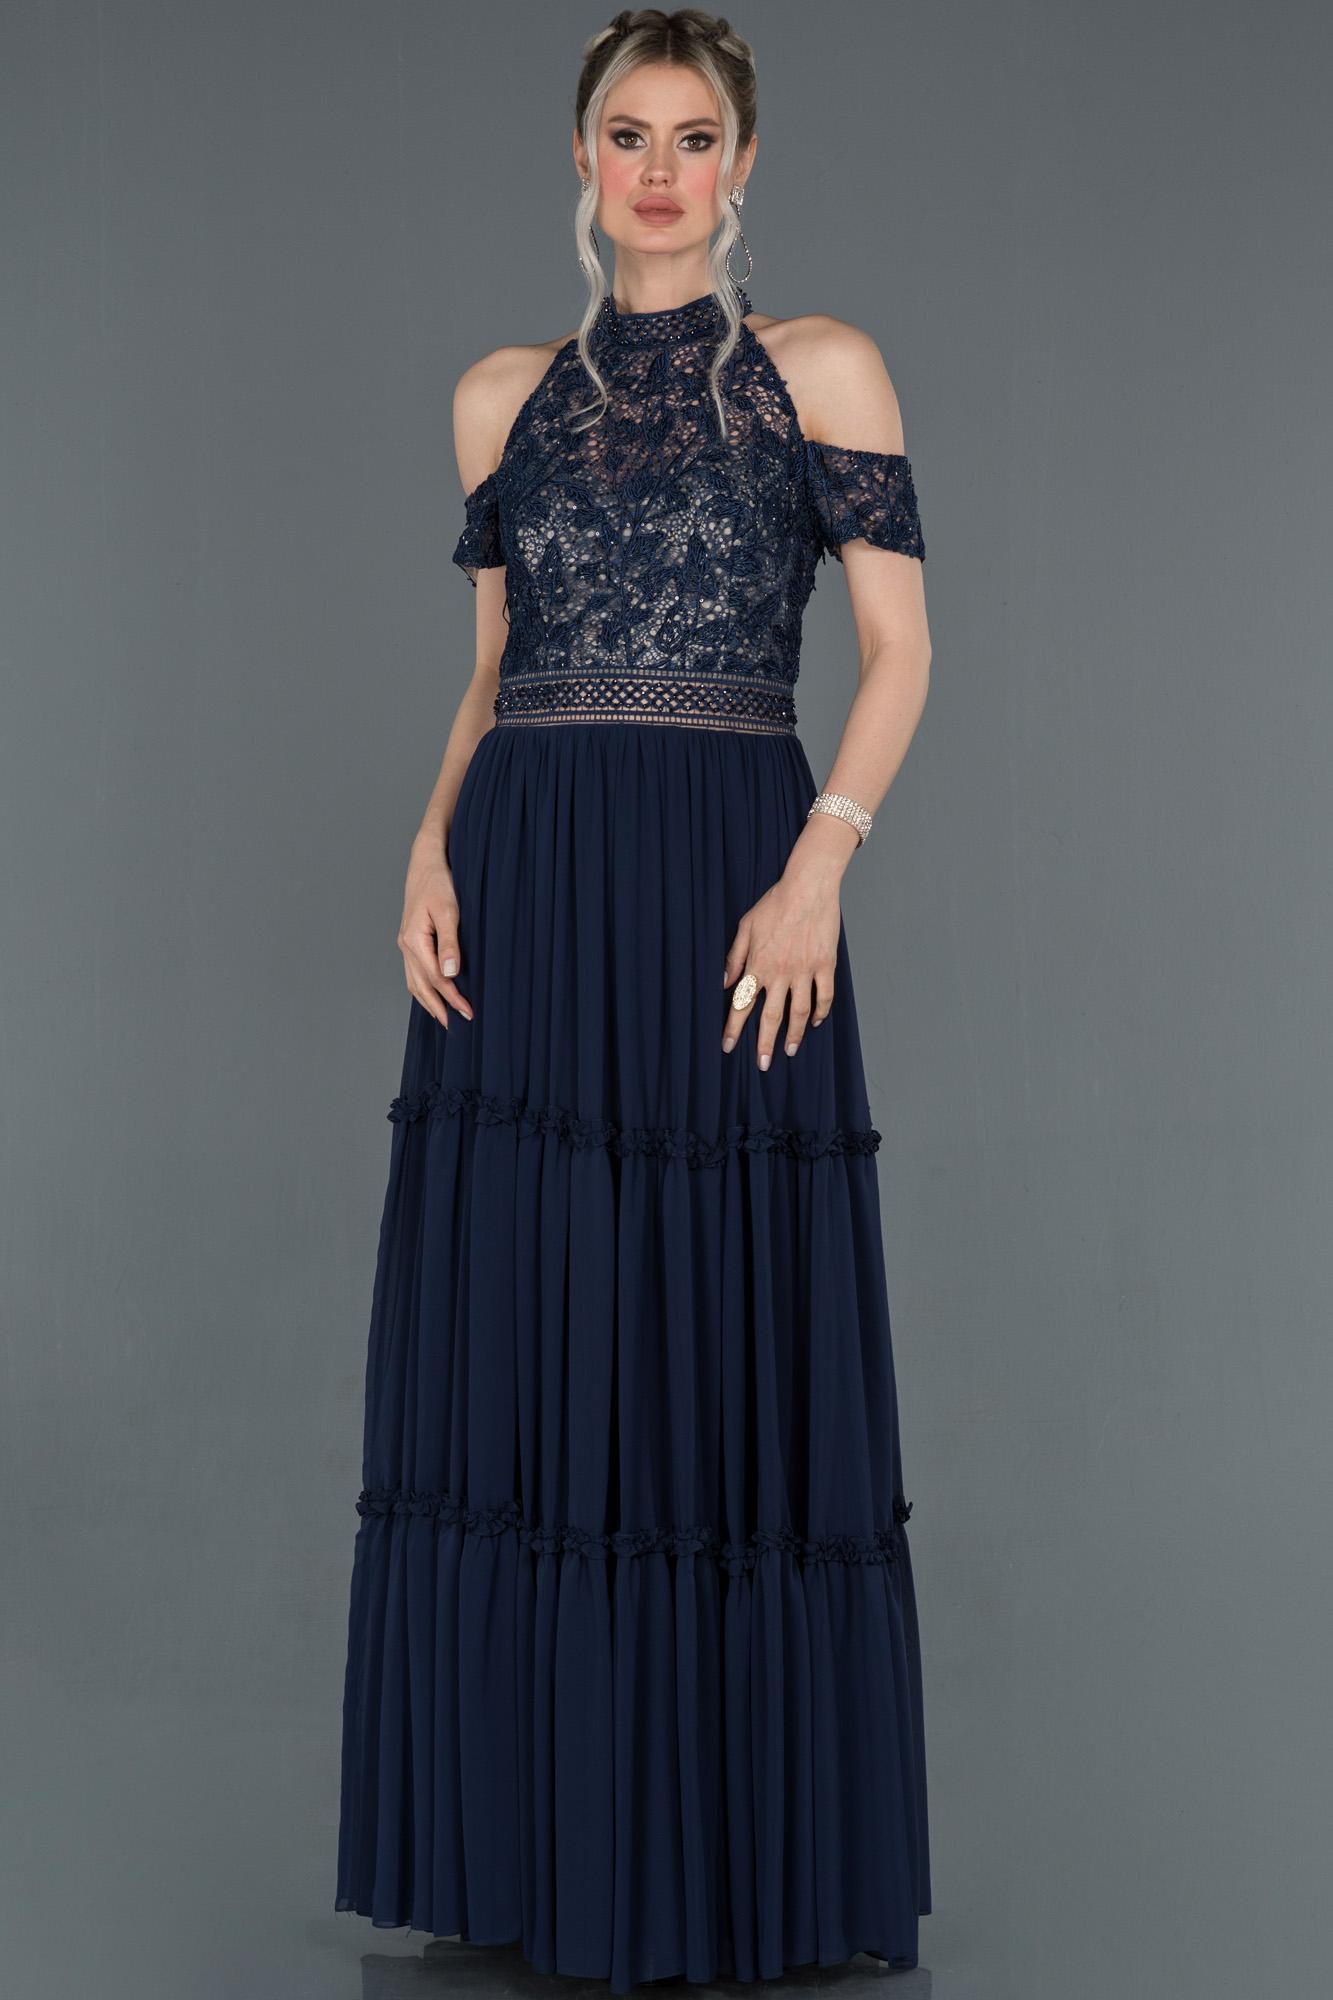 Lacivert Işleme Detaylı Özel Tasarım Şifon Abiye Elbise